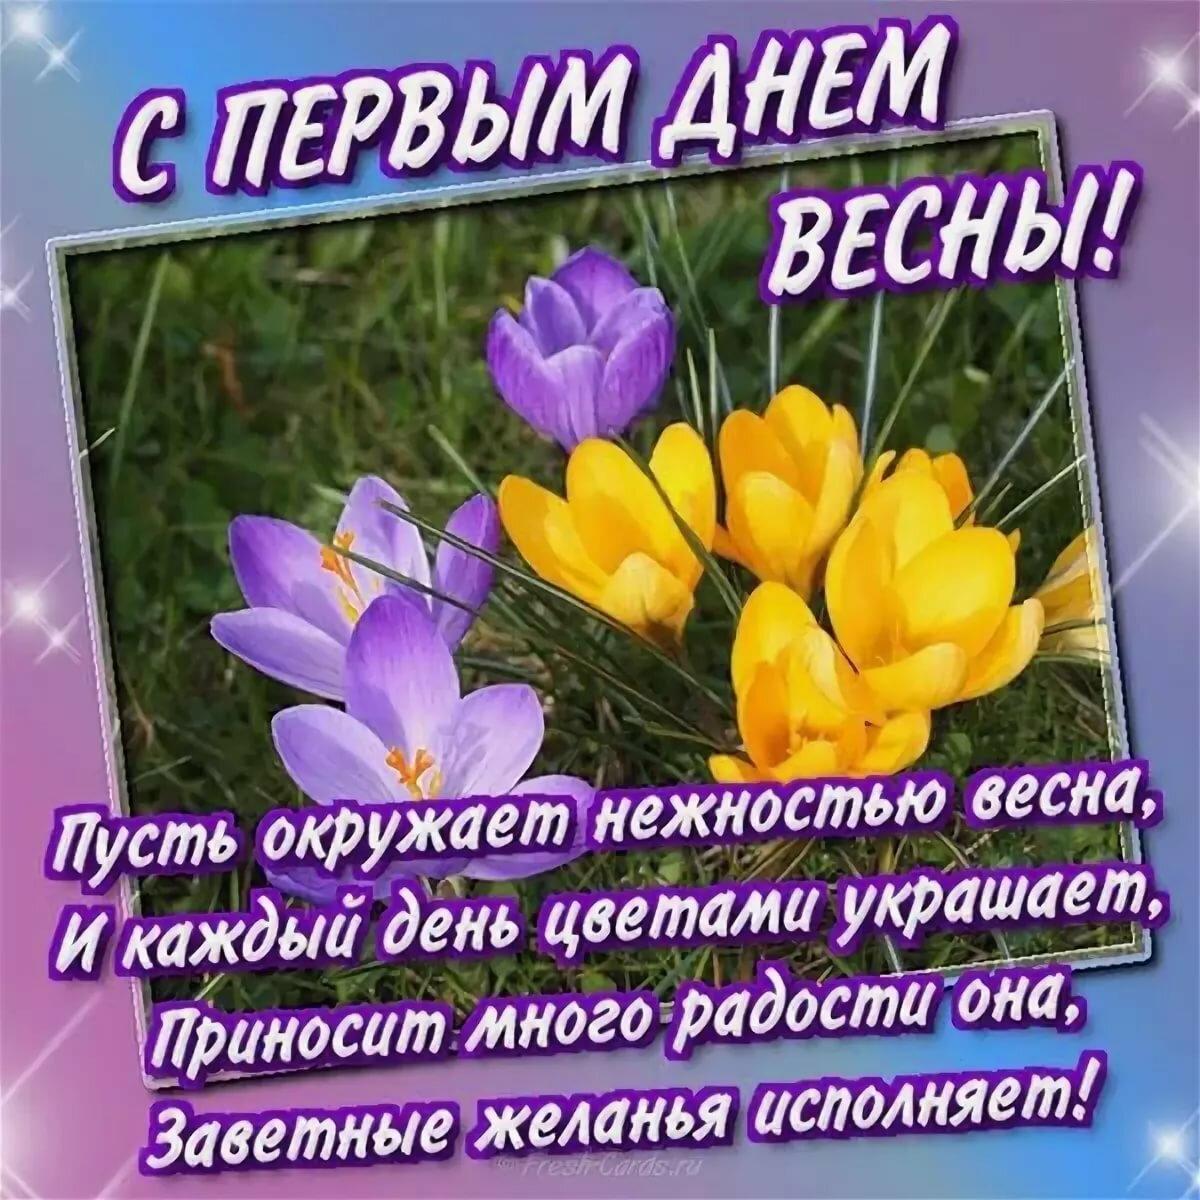 Праздником иконы, открытки поздравления с первым днем весны